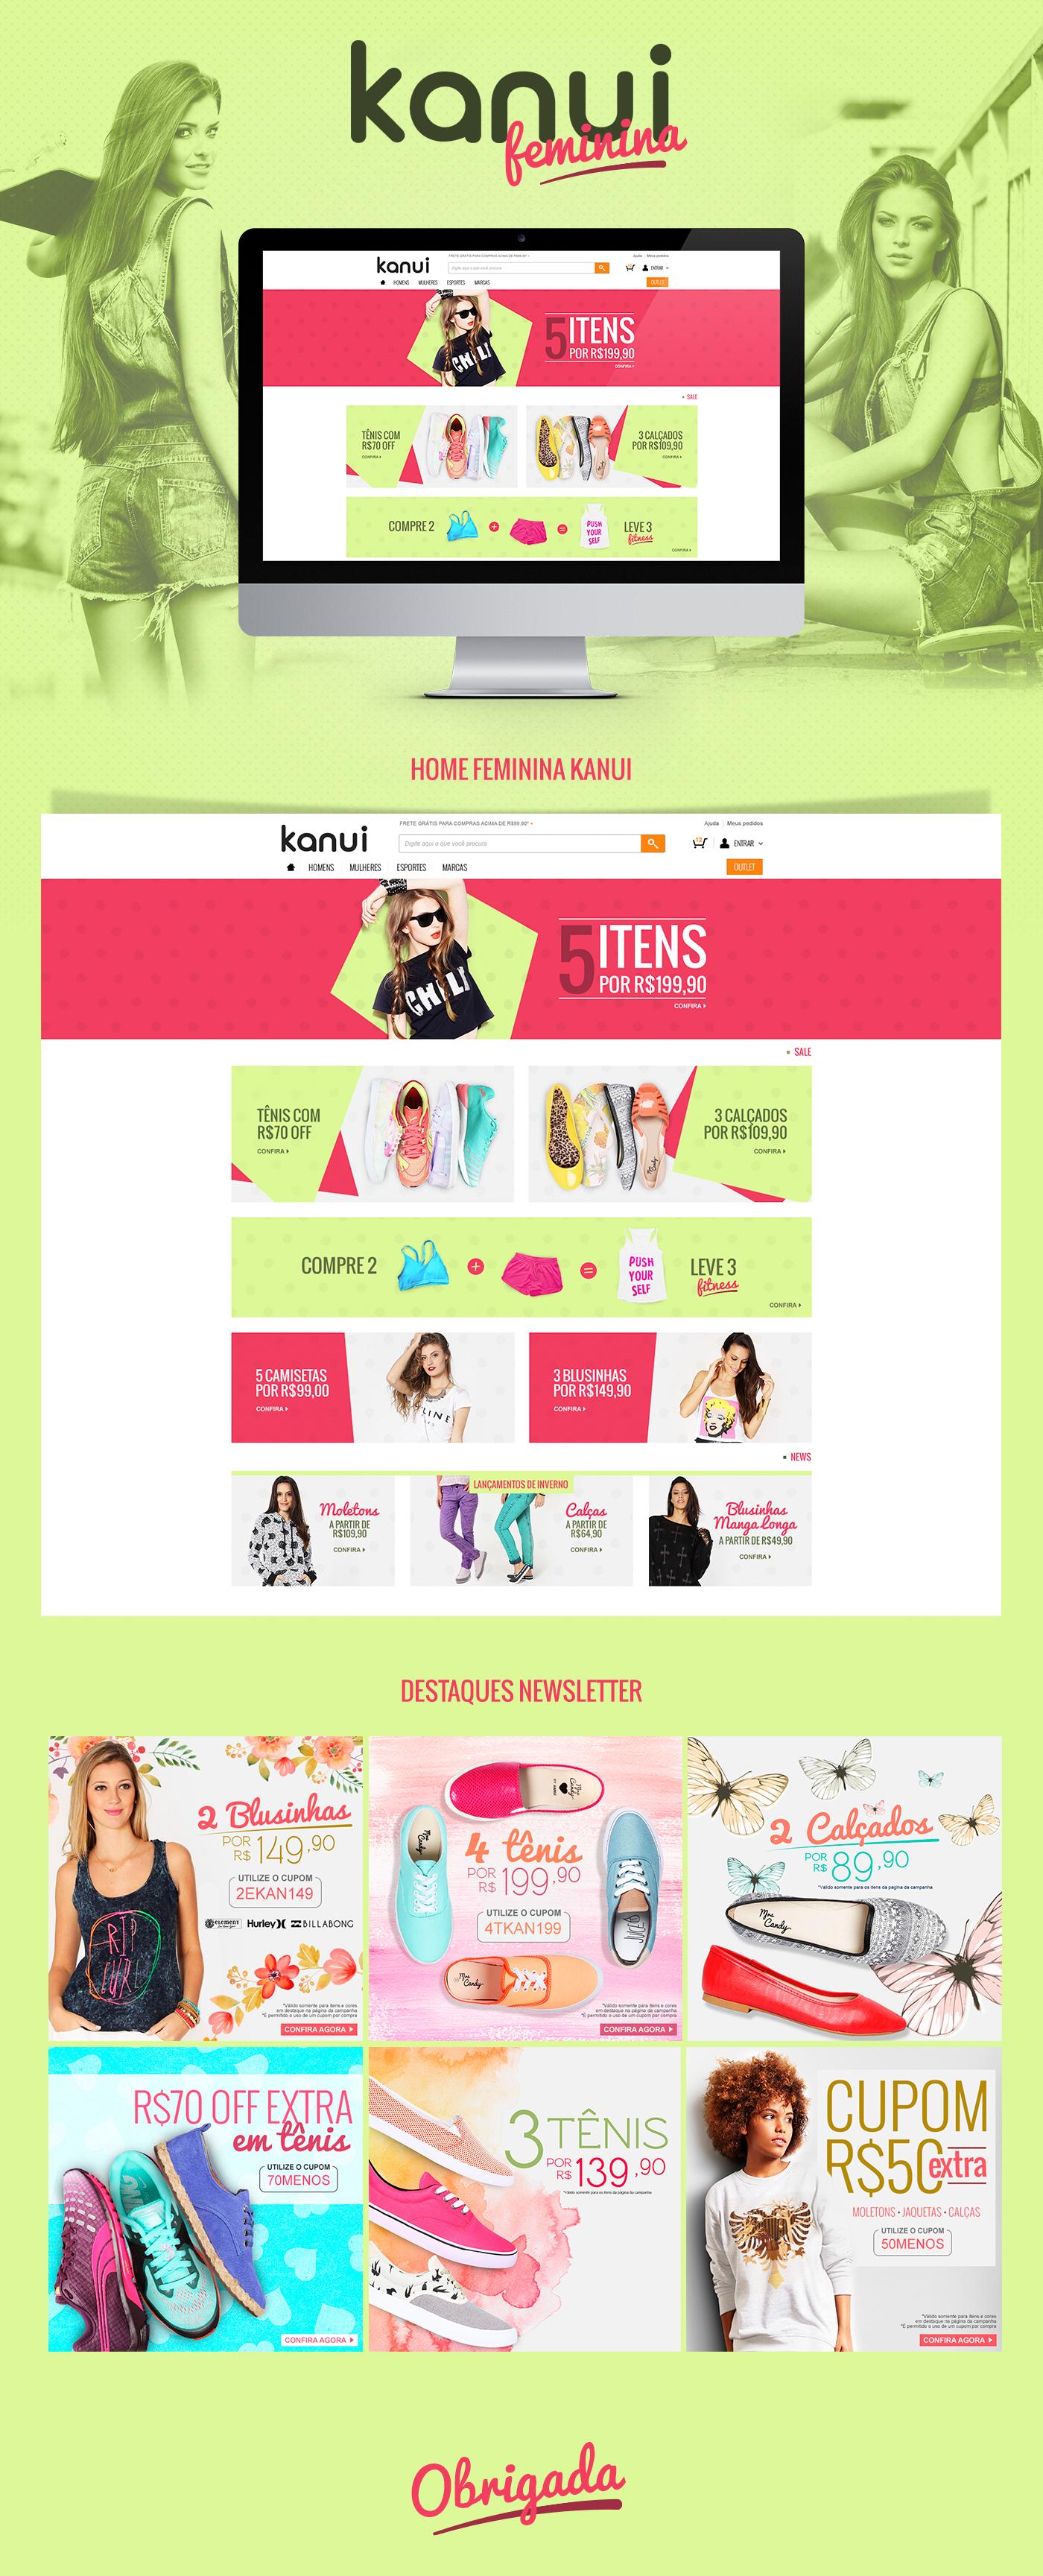 b4d89a0740 Kanui Girls on Behance